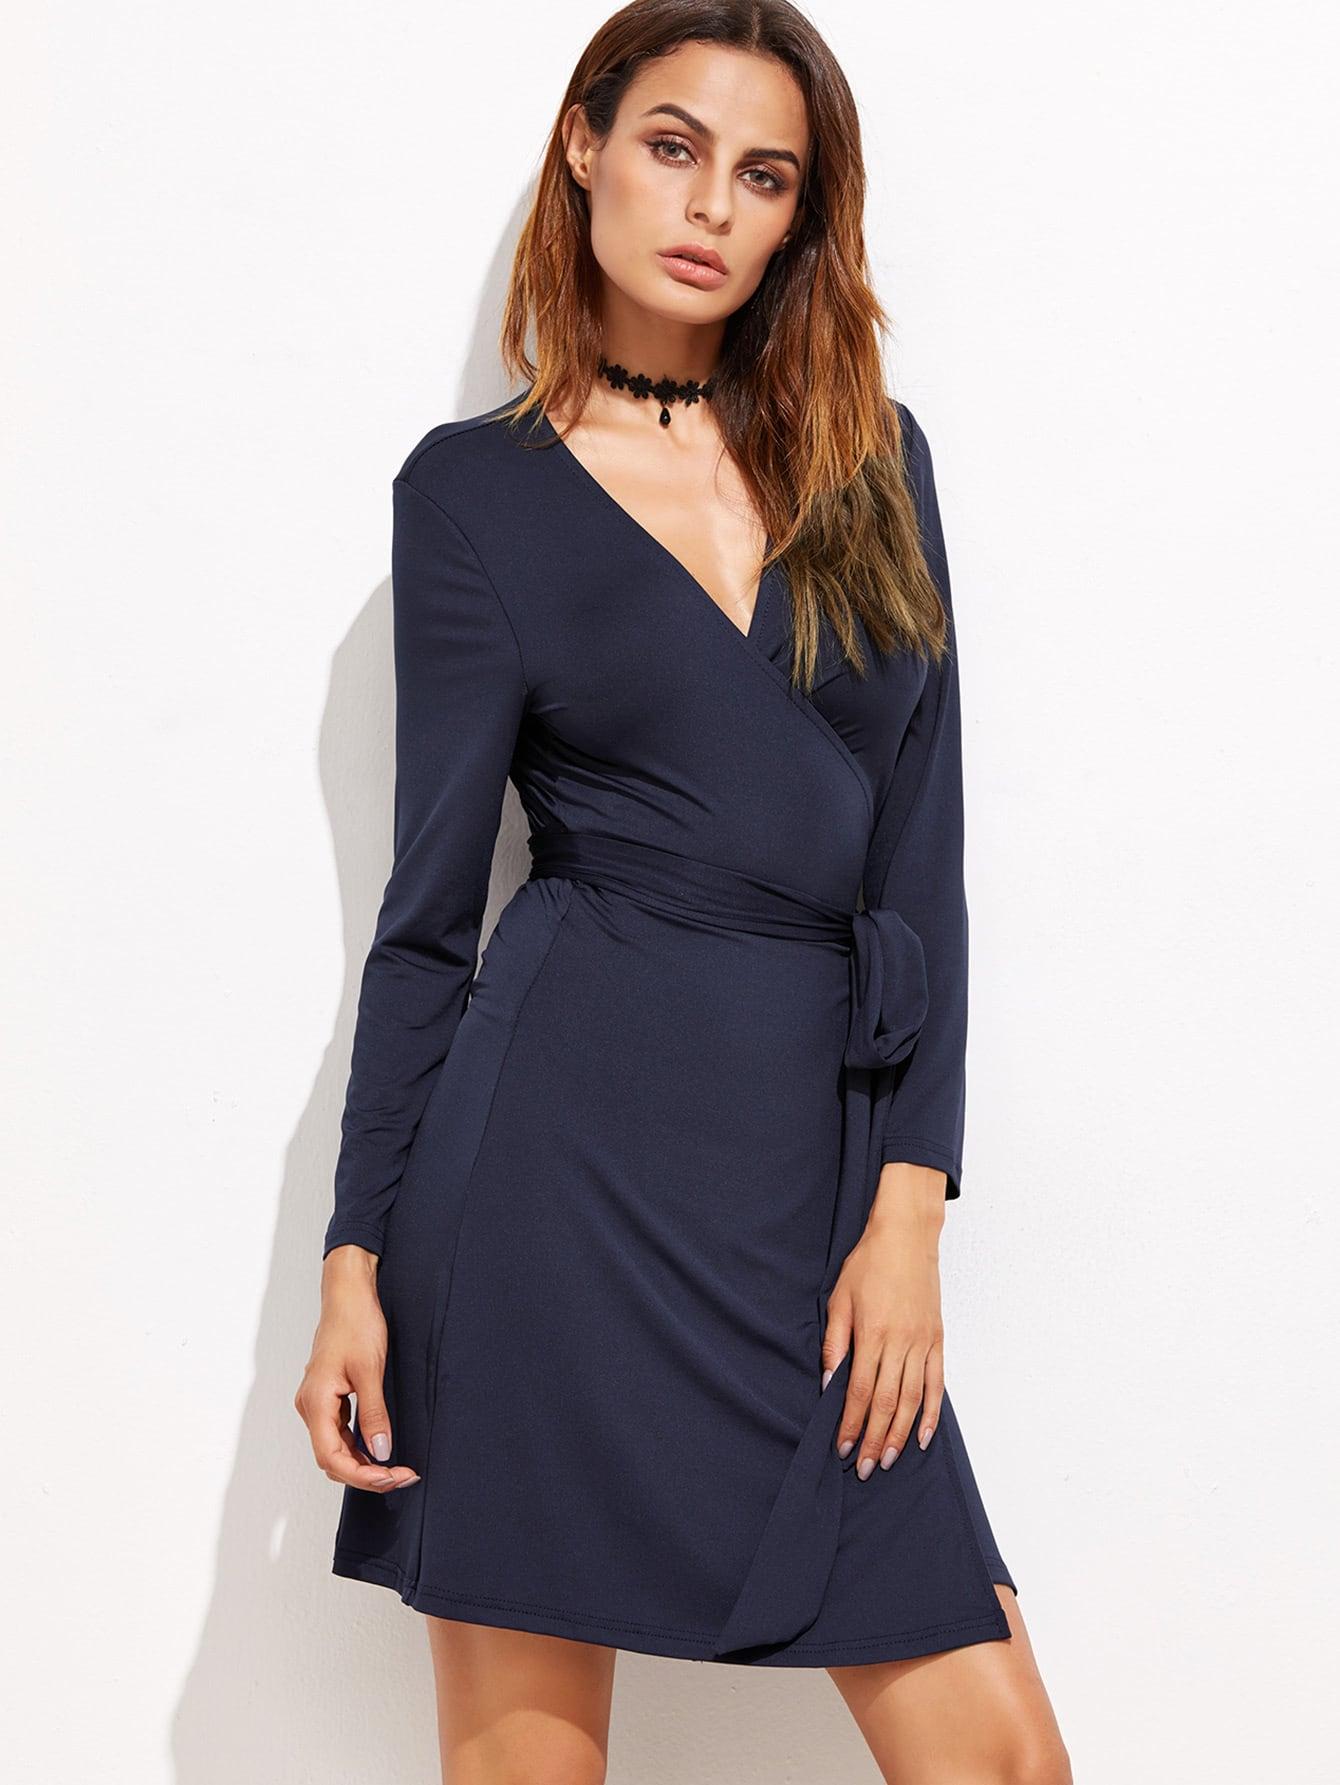 dress161010102_2